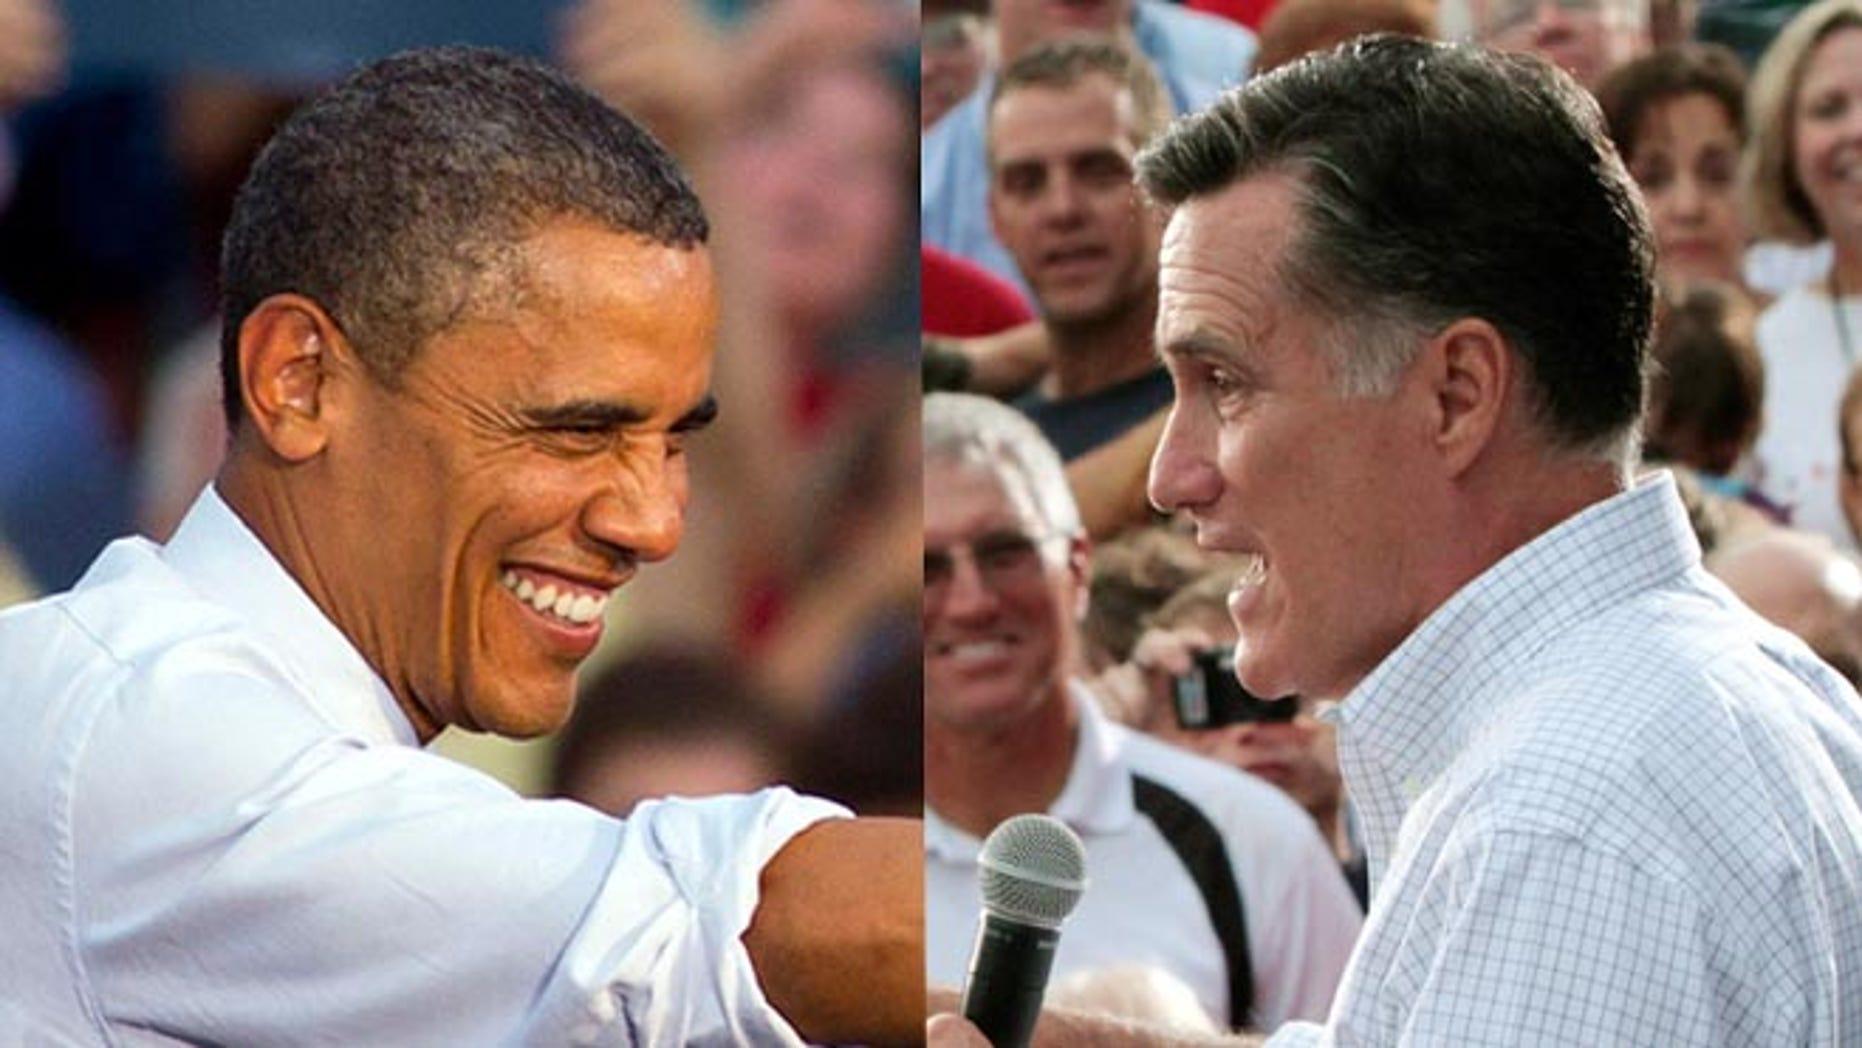 En estas fotos de archivo de agosto de 2012, el presidente Barack Obama y el candidato presidencial republicano y ex gobernador de Massachusetts Mitt Romney, a la derecha, hacen campaña en estados disputados, Obama in Leesburg, Virginia, y Romney en Waukesha, Wisconsin. El reto para Obama y Romney es conquistar a los votantes indecisos. (AP fotos)